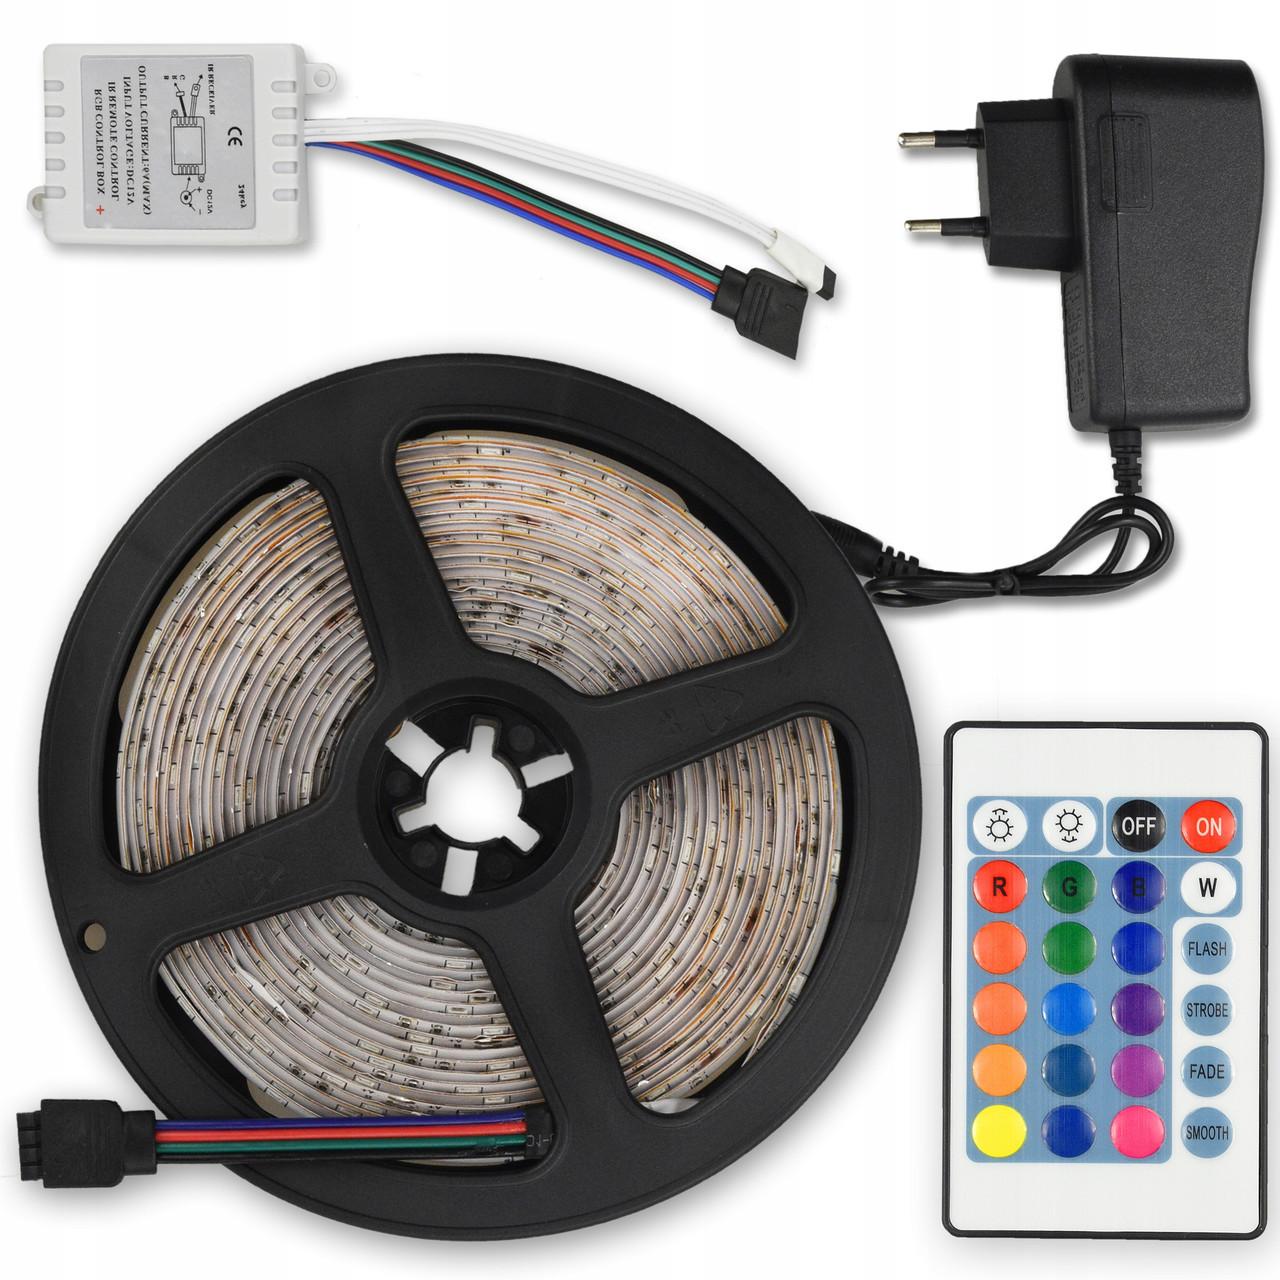 Светодиодная лента RGB 5050 с пультом и блоком питания 5 м (RI0364)